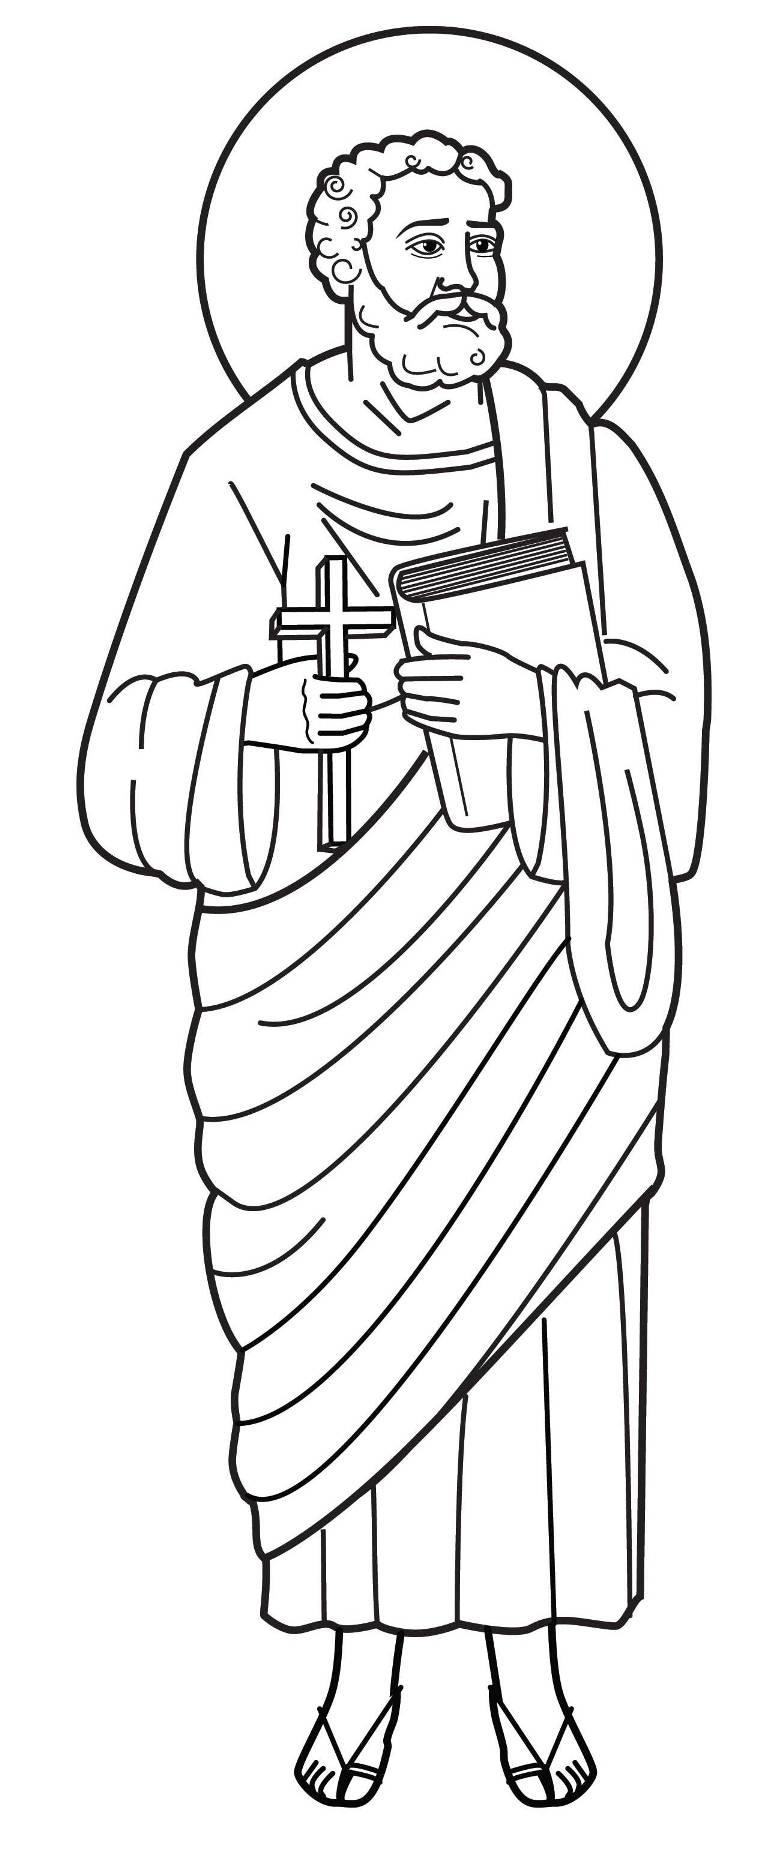 San pietro apostolo simon pietro apostolo pietro for Immagini di clown da colorare